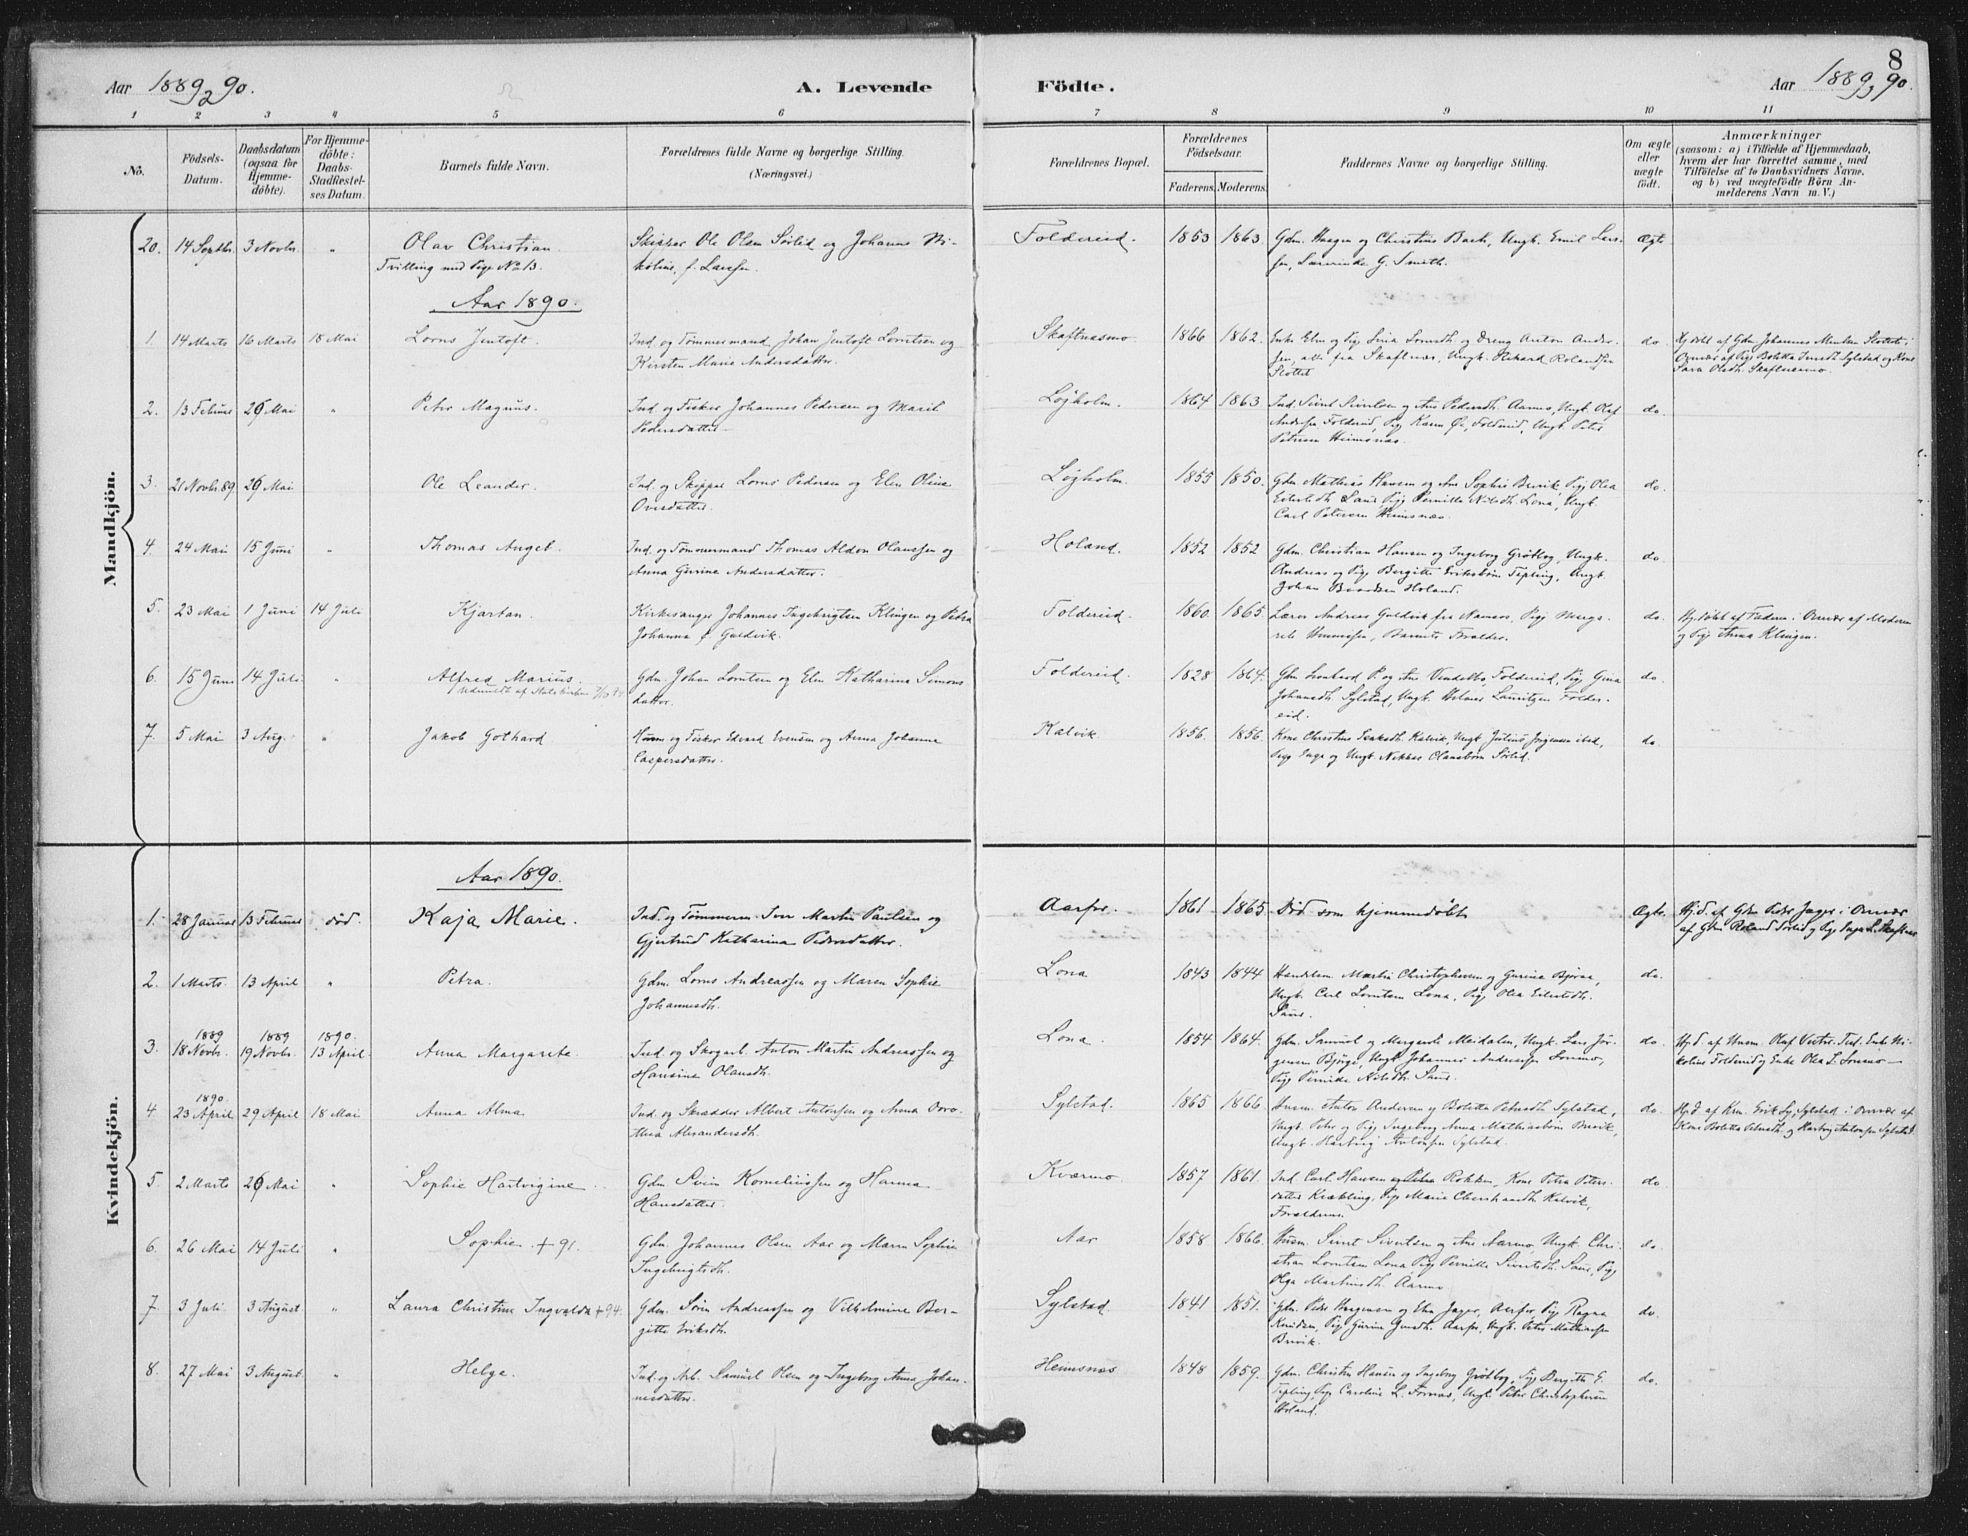 SAT, Ministerialprotokoller, klokkerbøker og fødselsregistre - Nord-Trøndelag, 783/L0660: Ministerialbok nr. 783A02, 1886-1918, s. 8